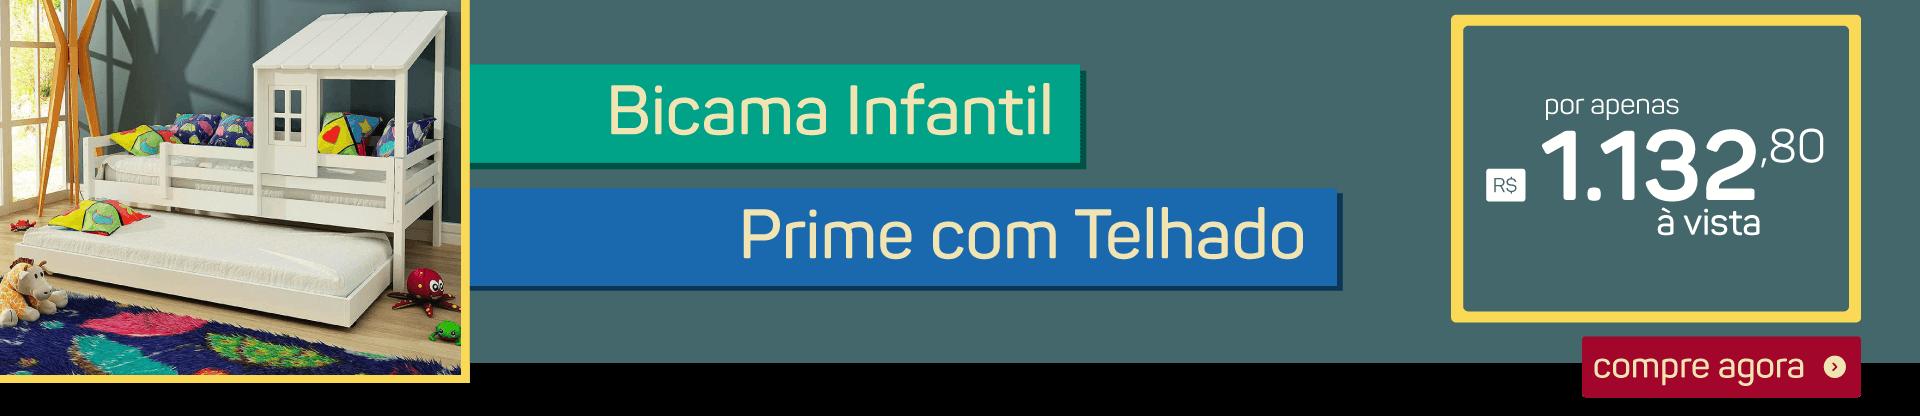 Bicama Infantil Prime